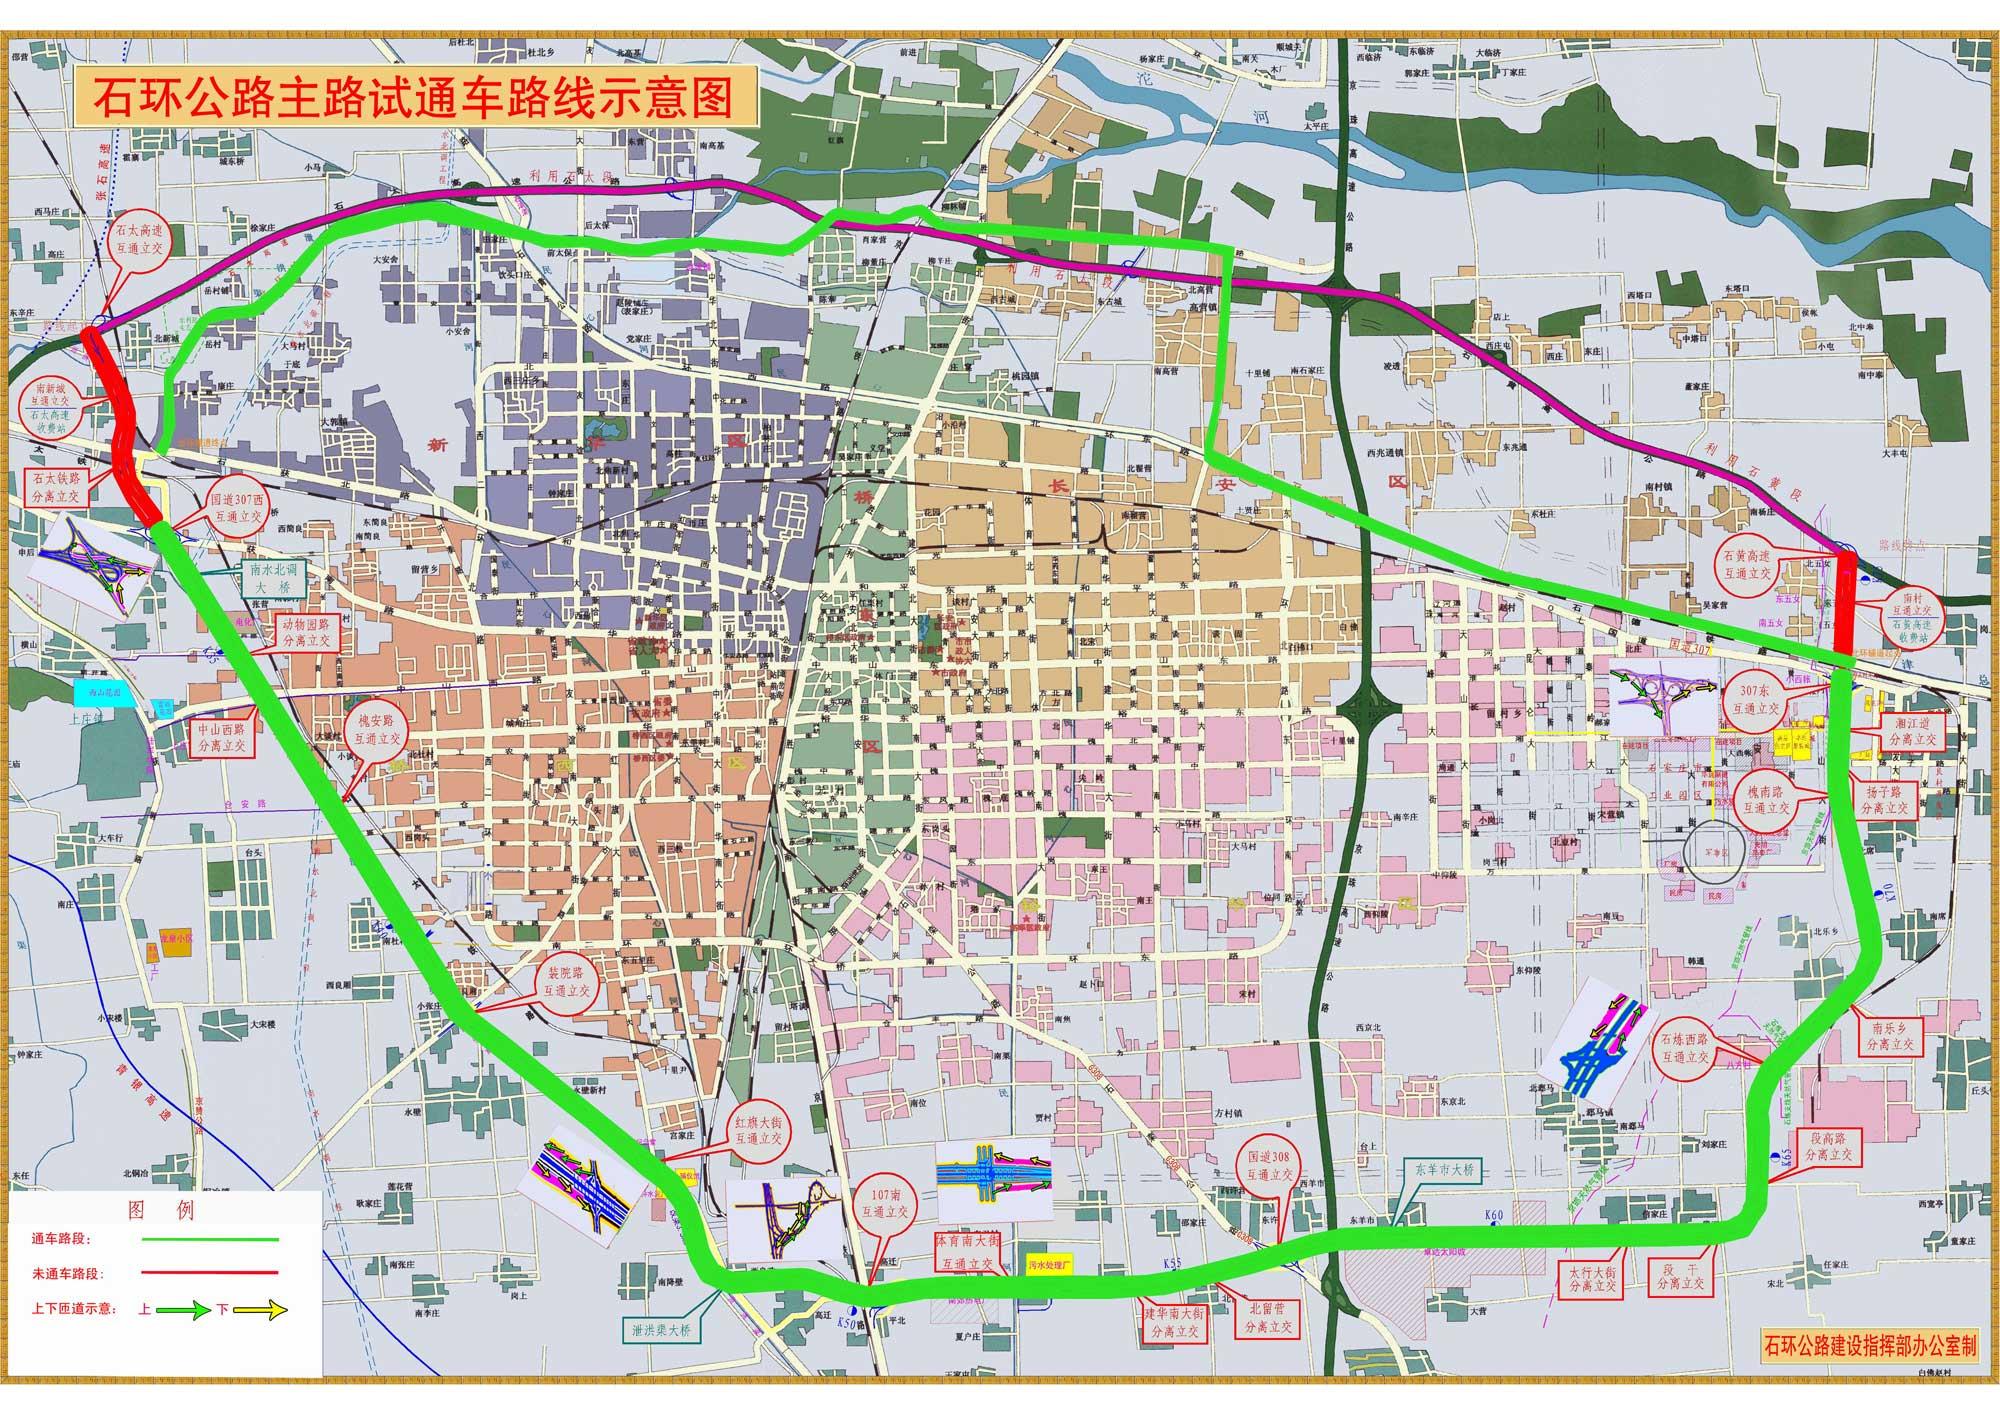 石家庄石环规划图 公路景观规划图 规划说明